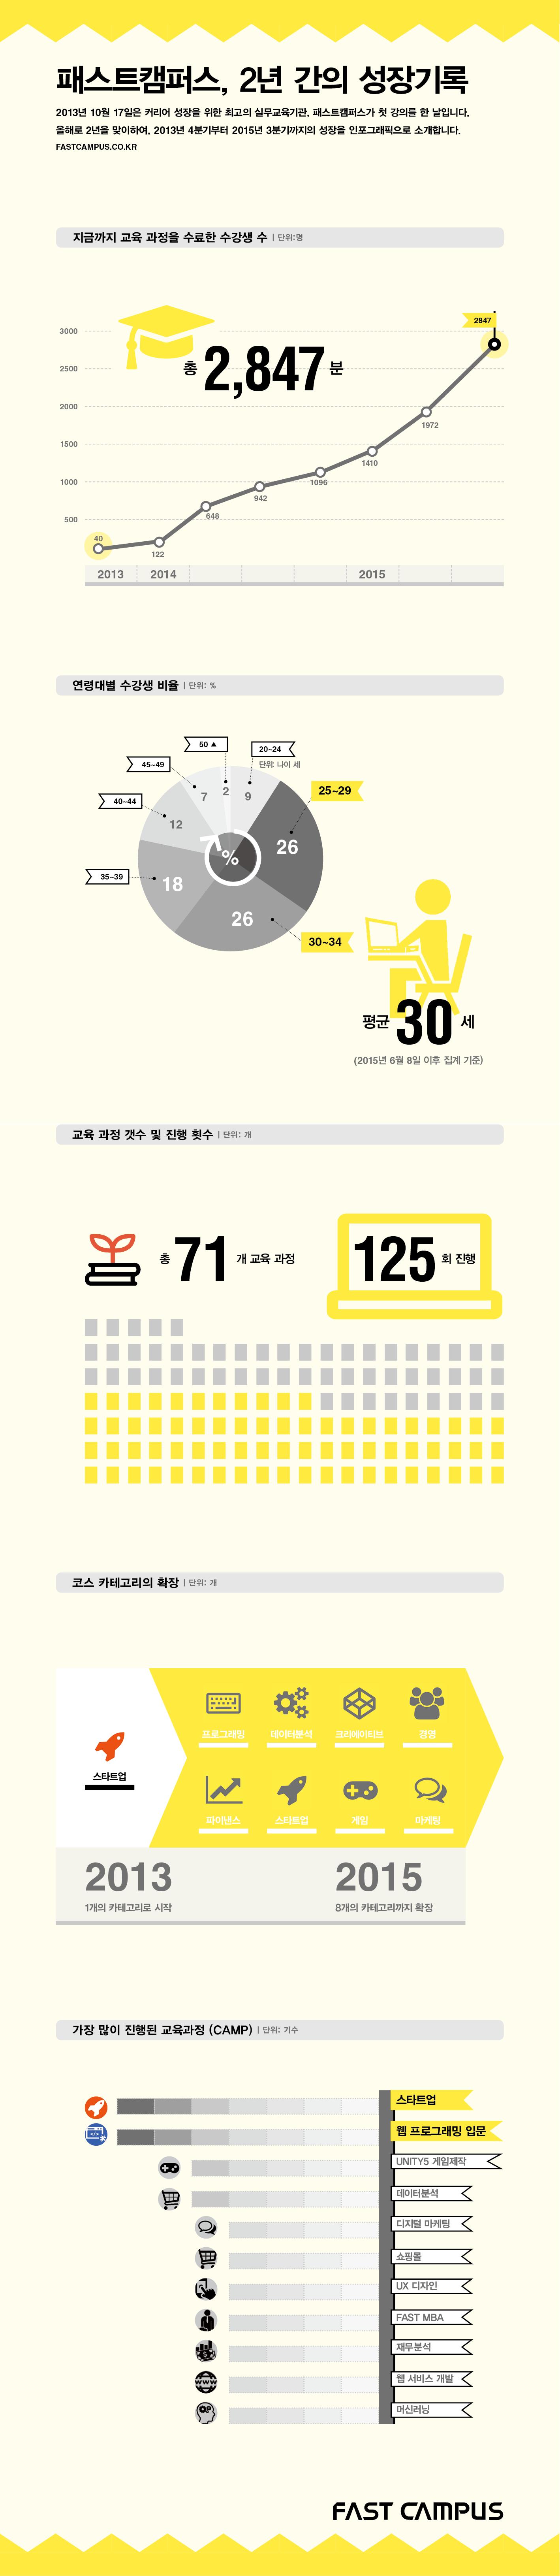 [사진자료]패스트캠퍼스 2주년 인포그래픽